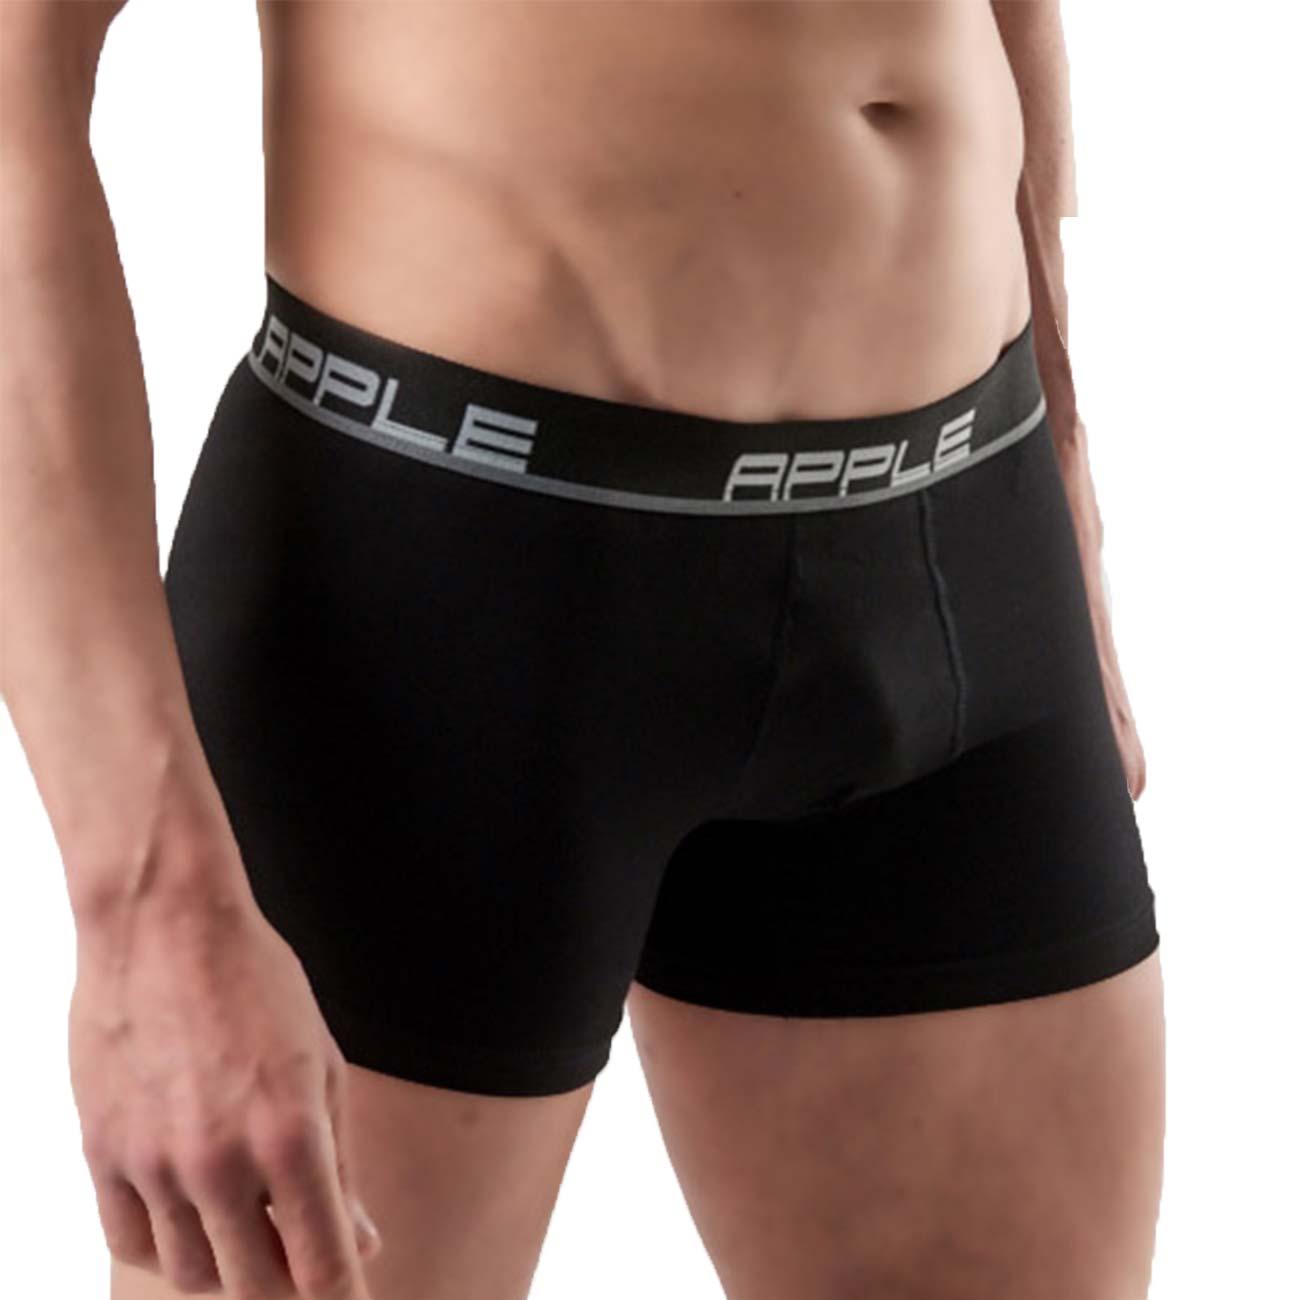 Ανδρικό boxer Apple 0112149 - 2 pack - Μαύρο-Μαύρο, 2XL